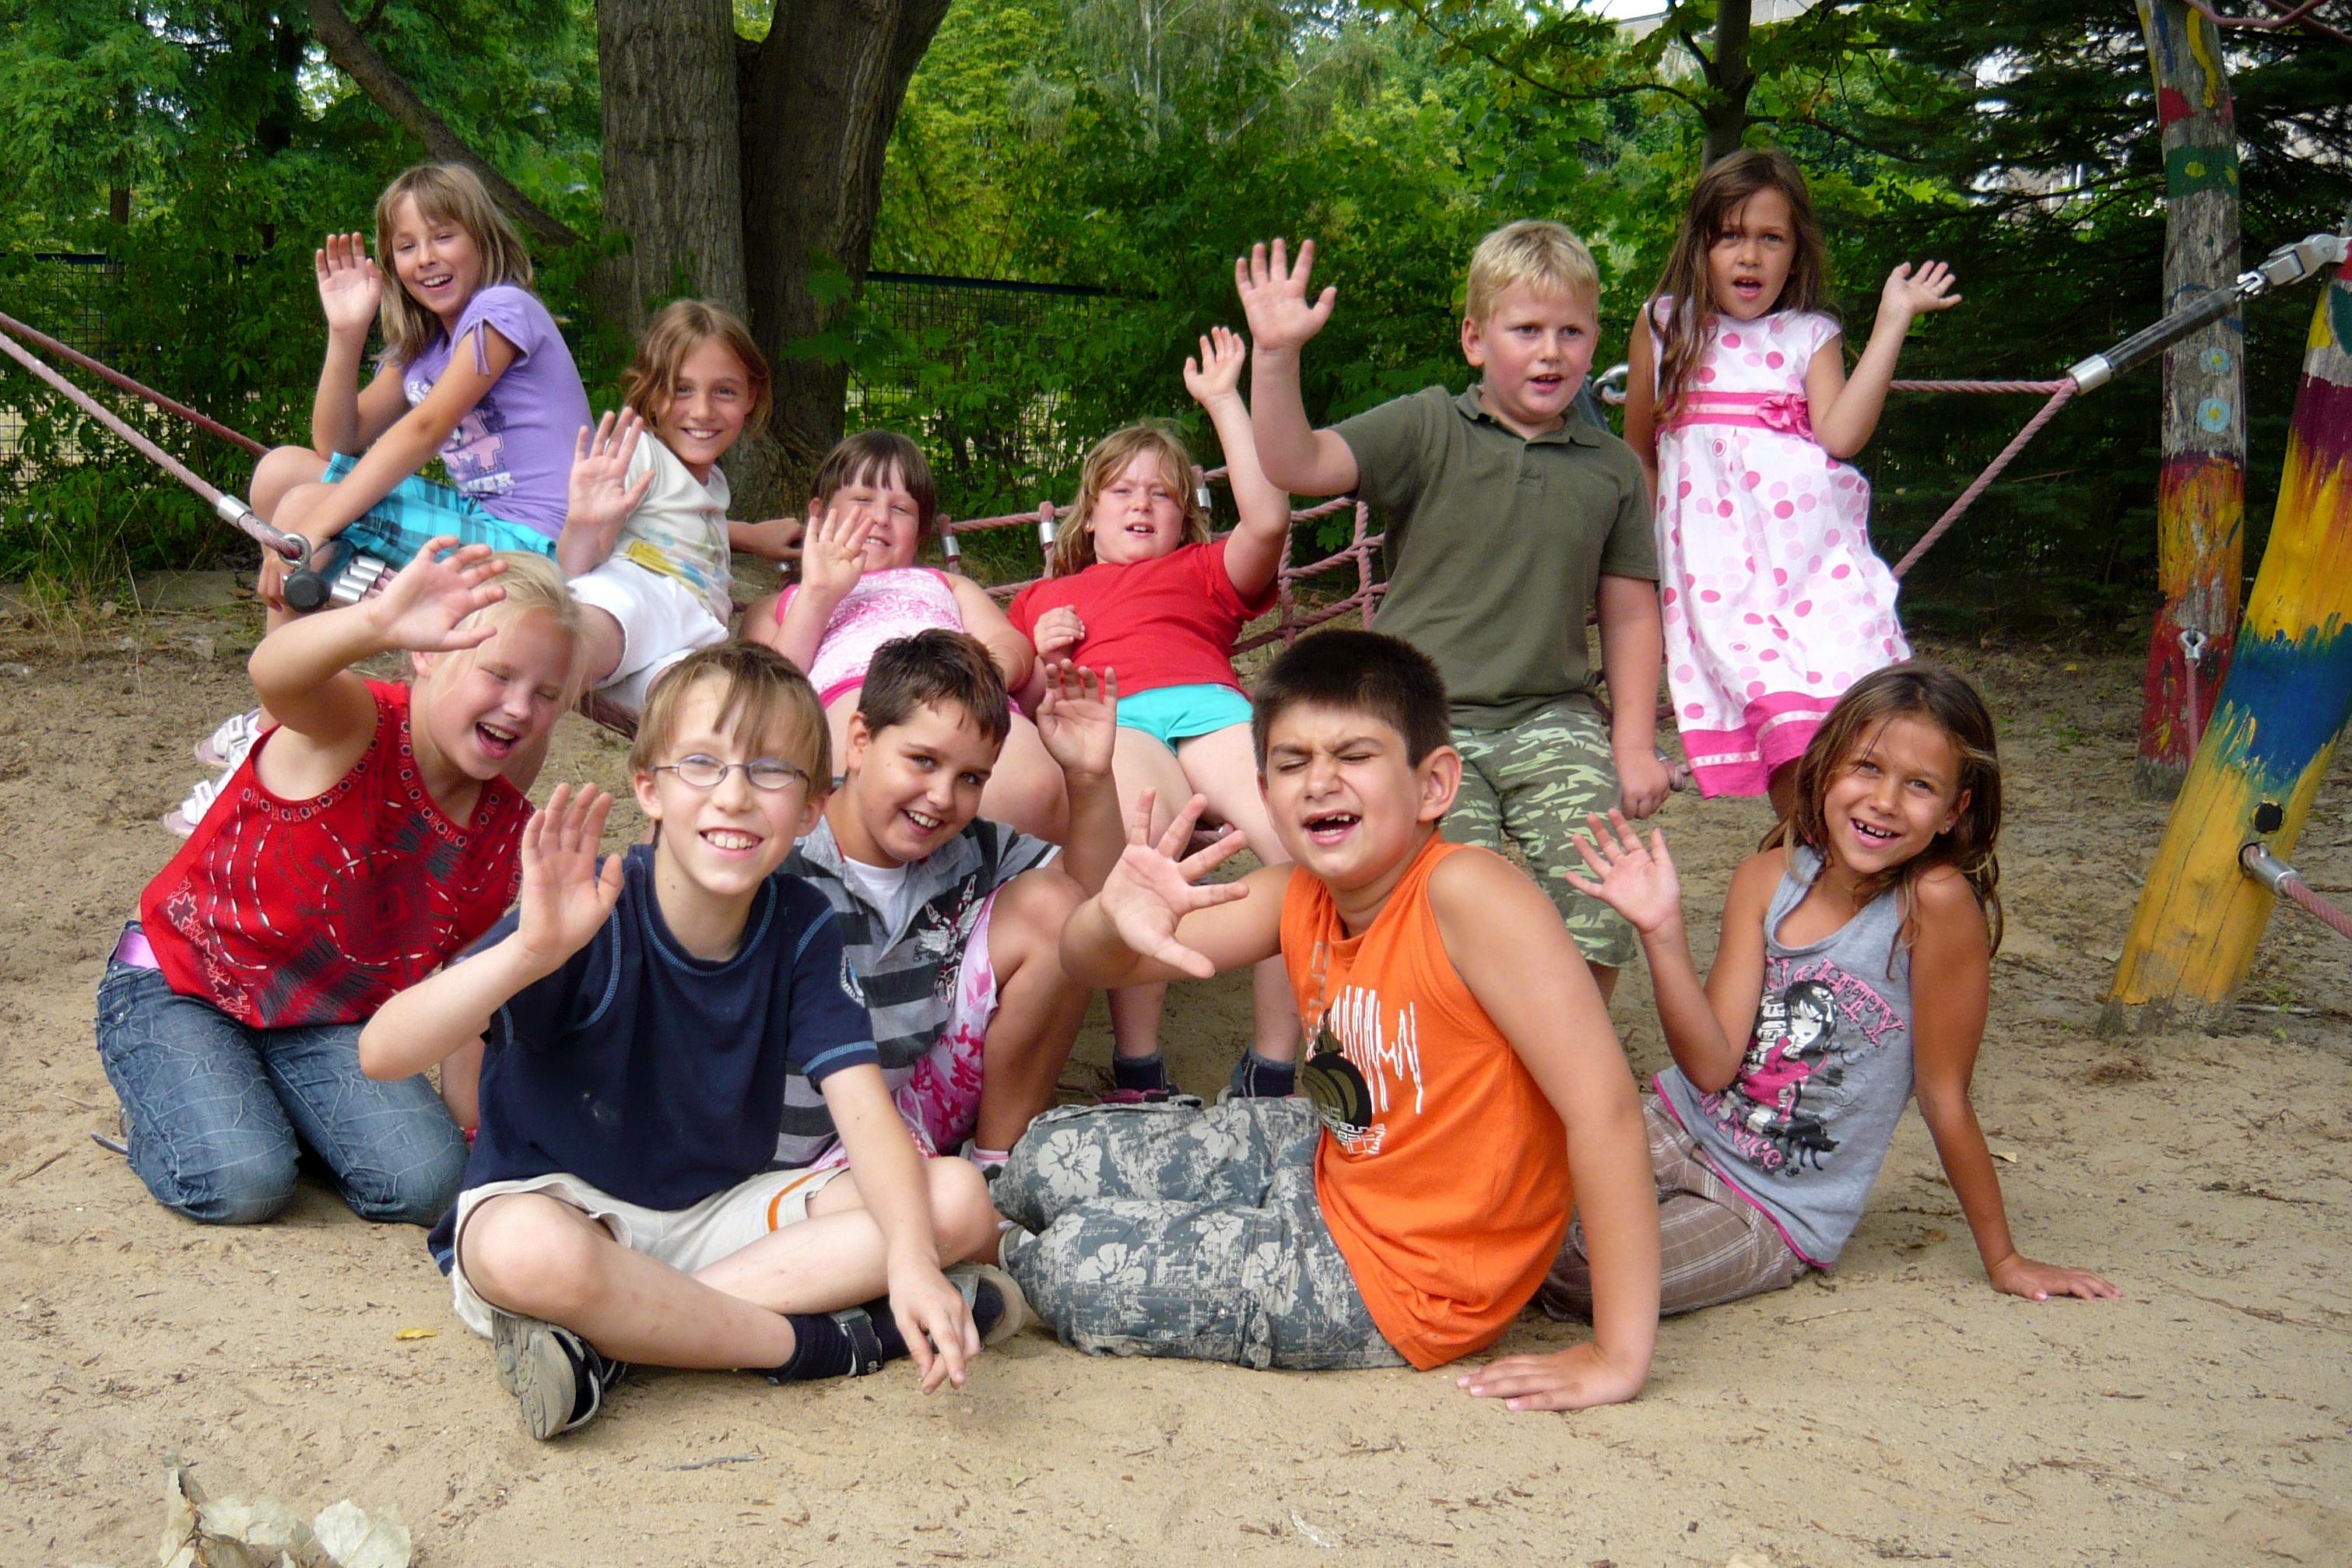 Kinder und jugend freizeitzentrum ferienlager in brandenburg freizeit und schulungszentrum f r - Zimmer von jugendlichen ...